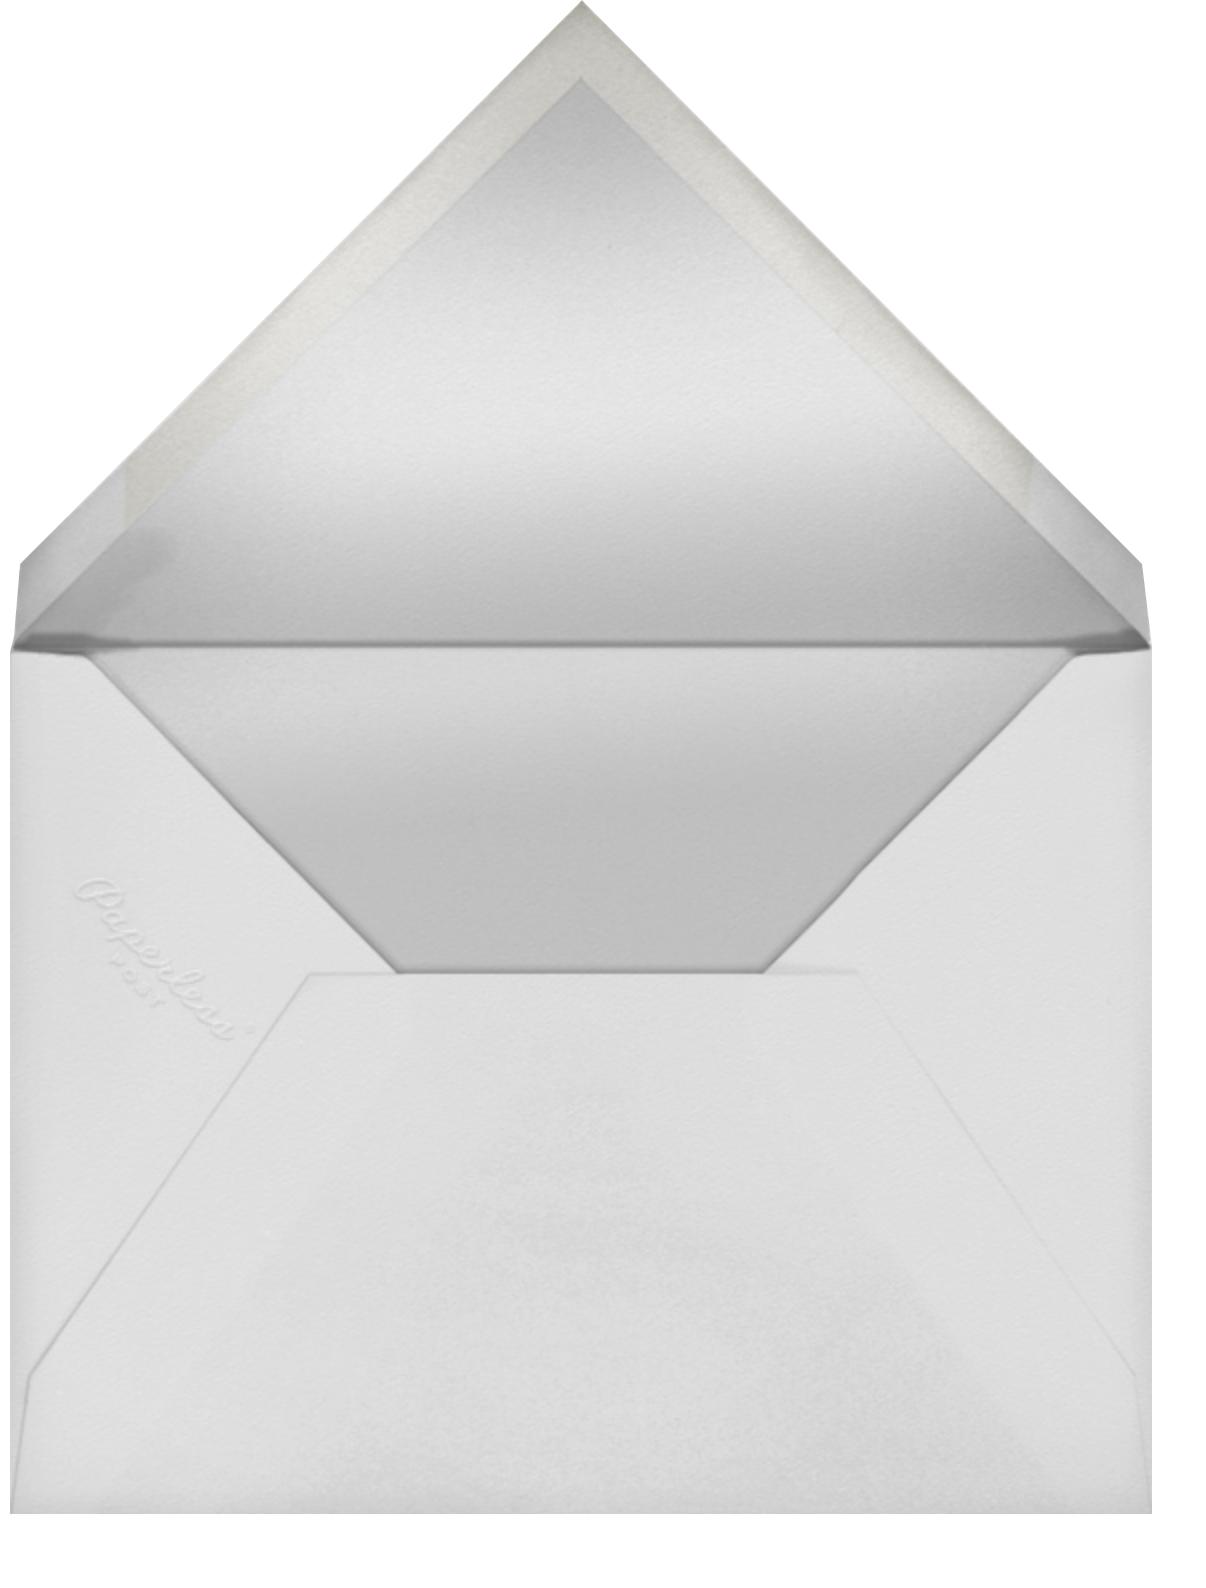 Editorial II (Menu) - Silver - Paperless Post - Envelope